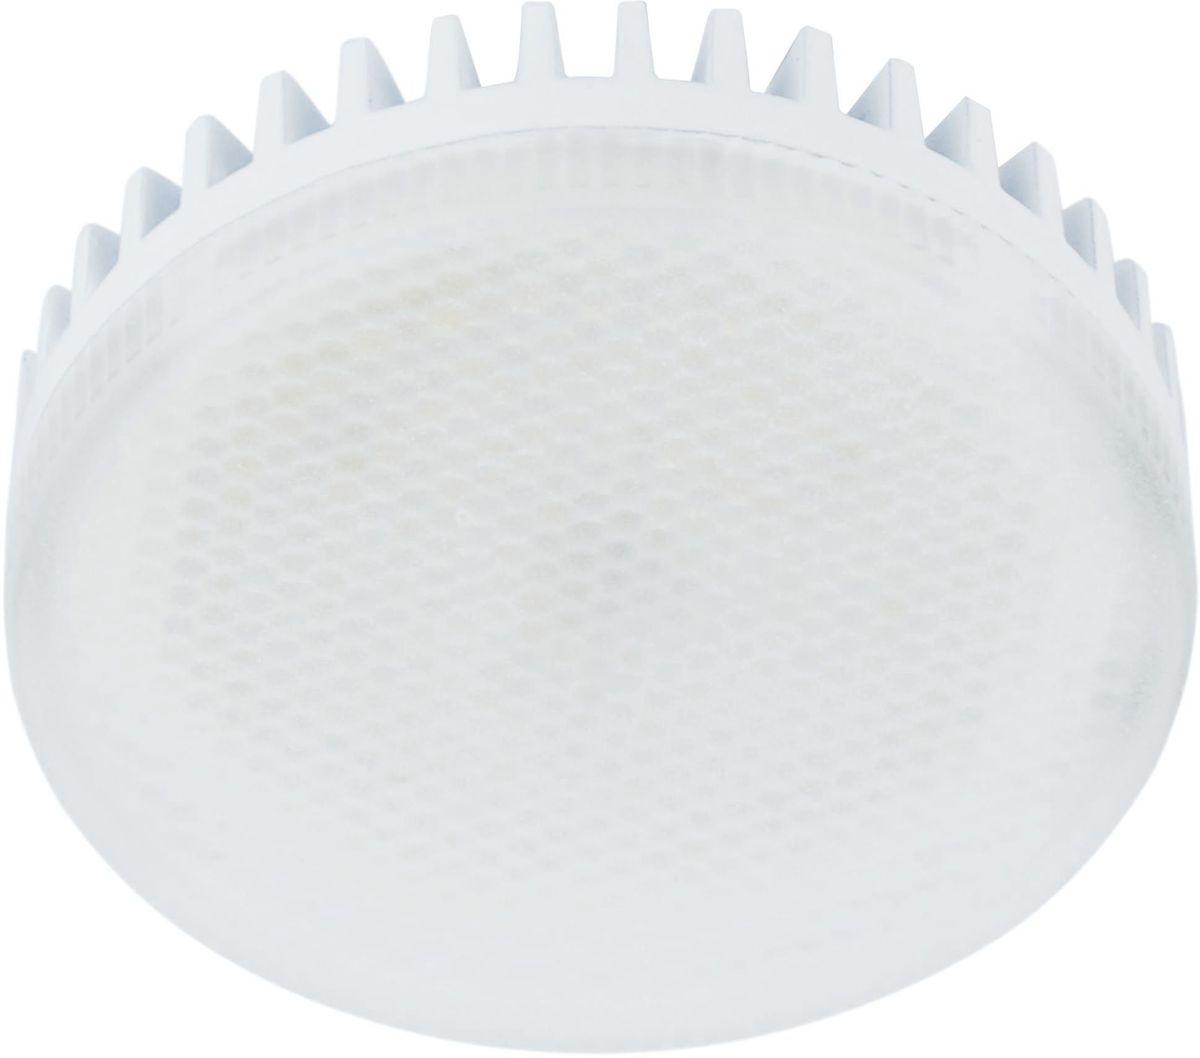 Лампа светодиодная REV, холодный свет, цоколь GX53, 10W. 32568 0 лампочка rev led gx53 10w 4000k холодный свет 32568 0